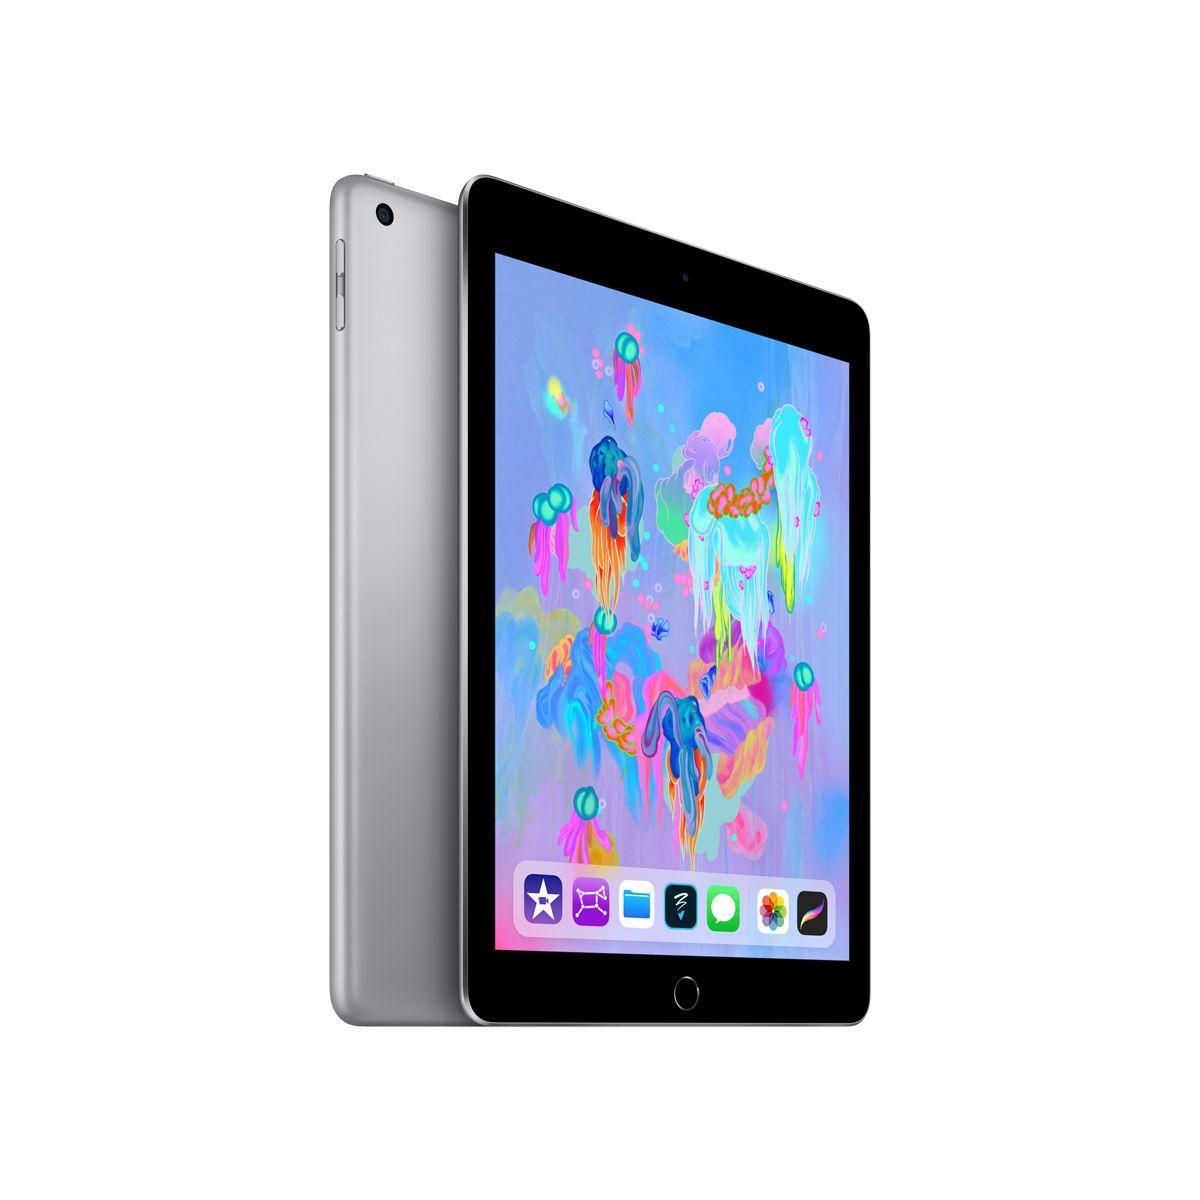 Tablette apple ipad new 32go gris sid (photo)